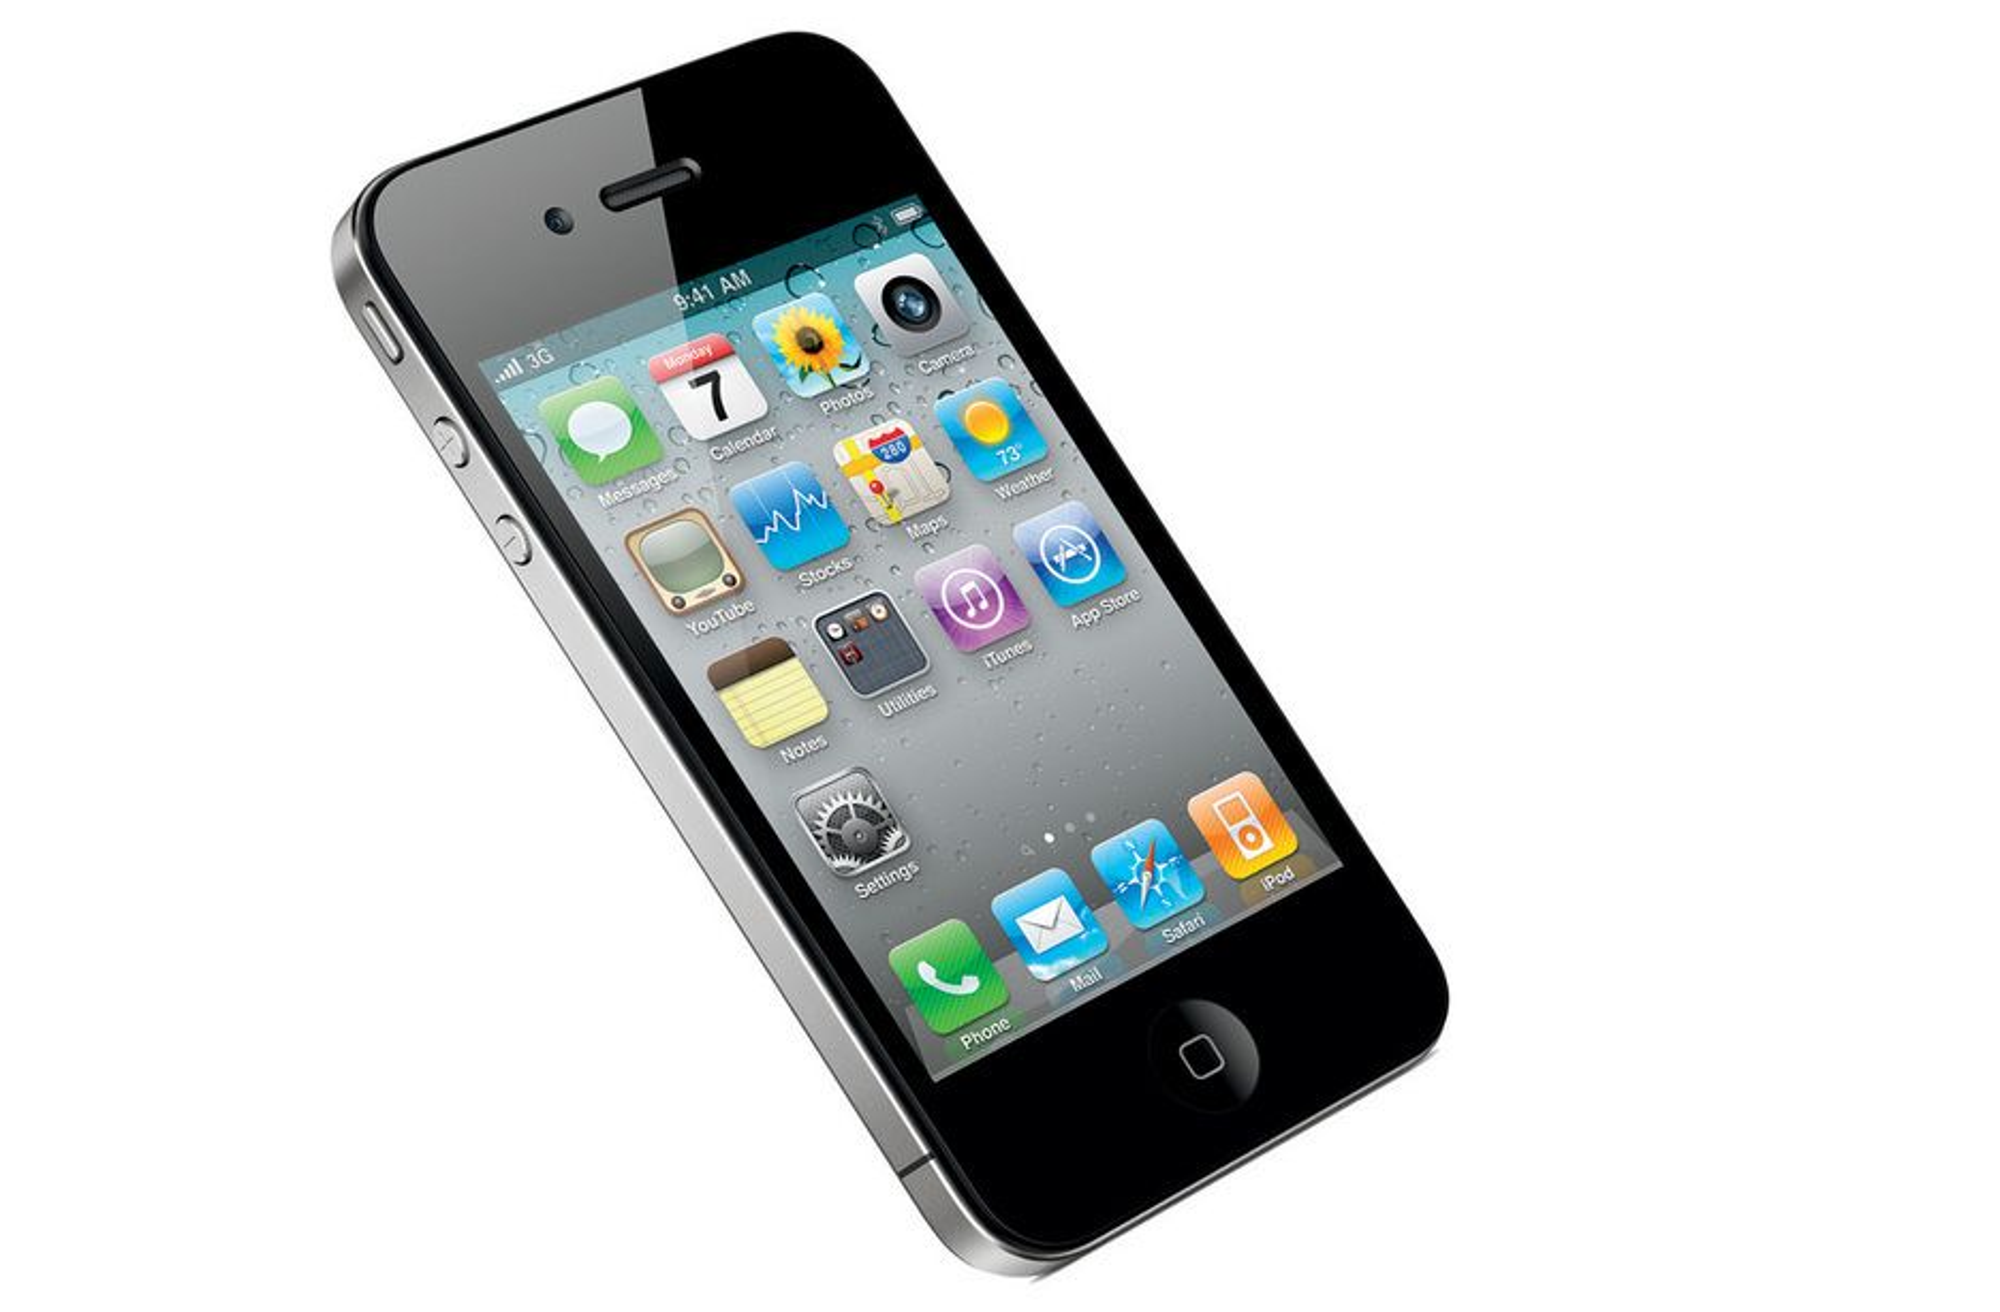 iPhone 4 er en definitiv oppgradering fra 3GS, som har vært en udiskutabel suksess.